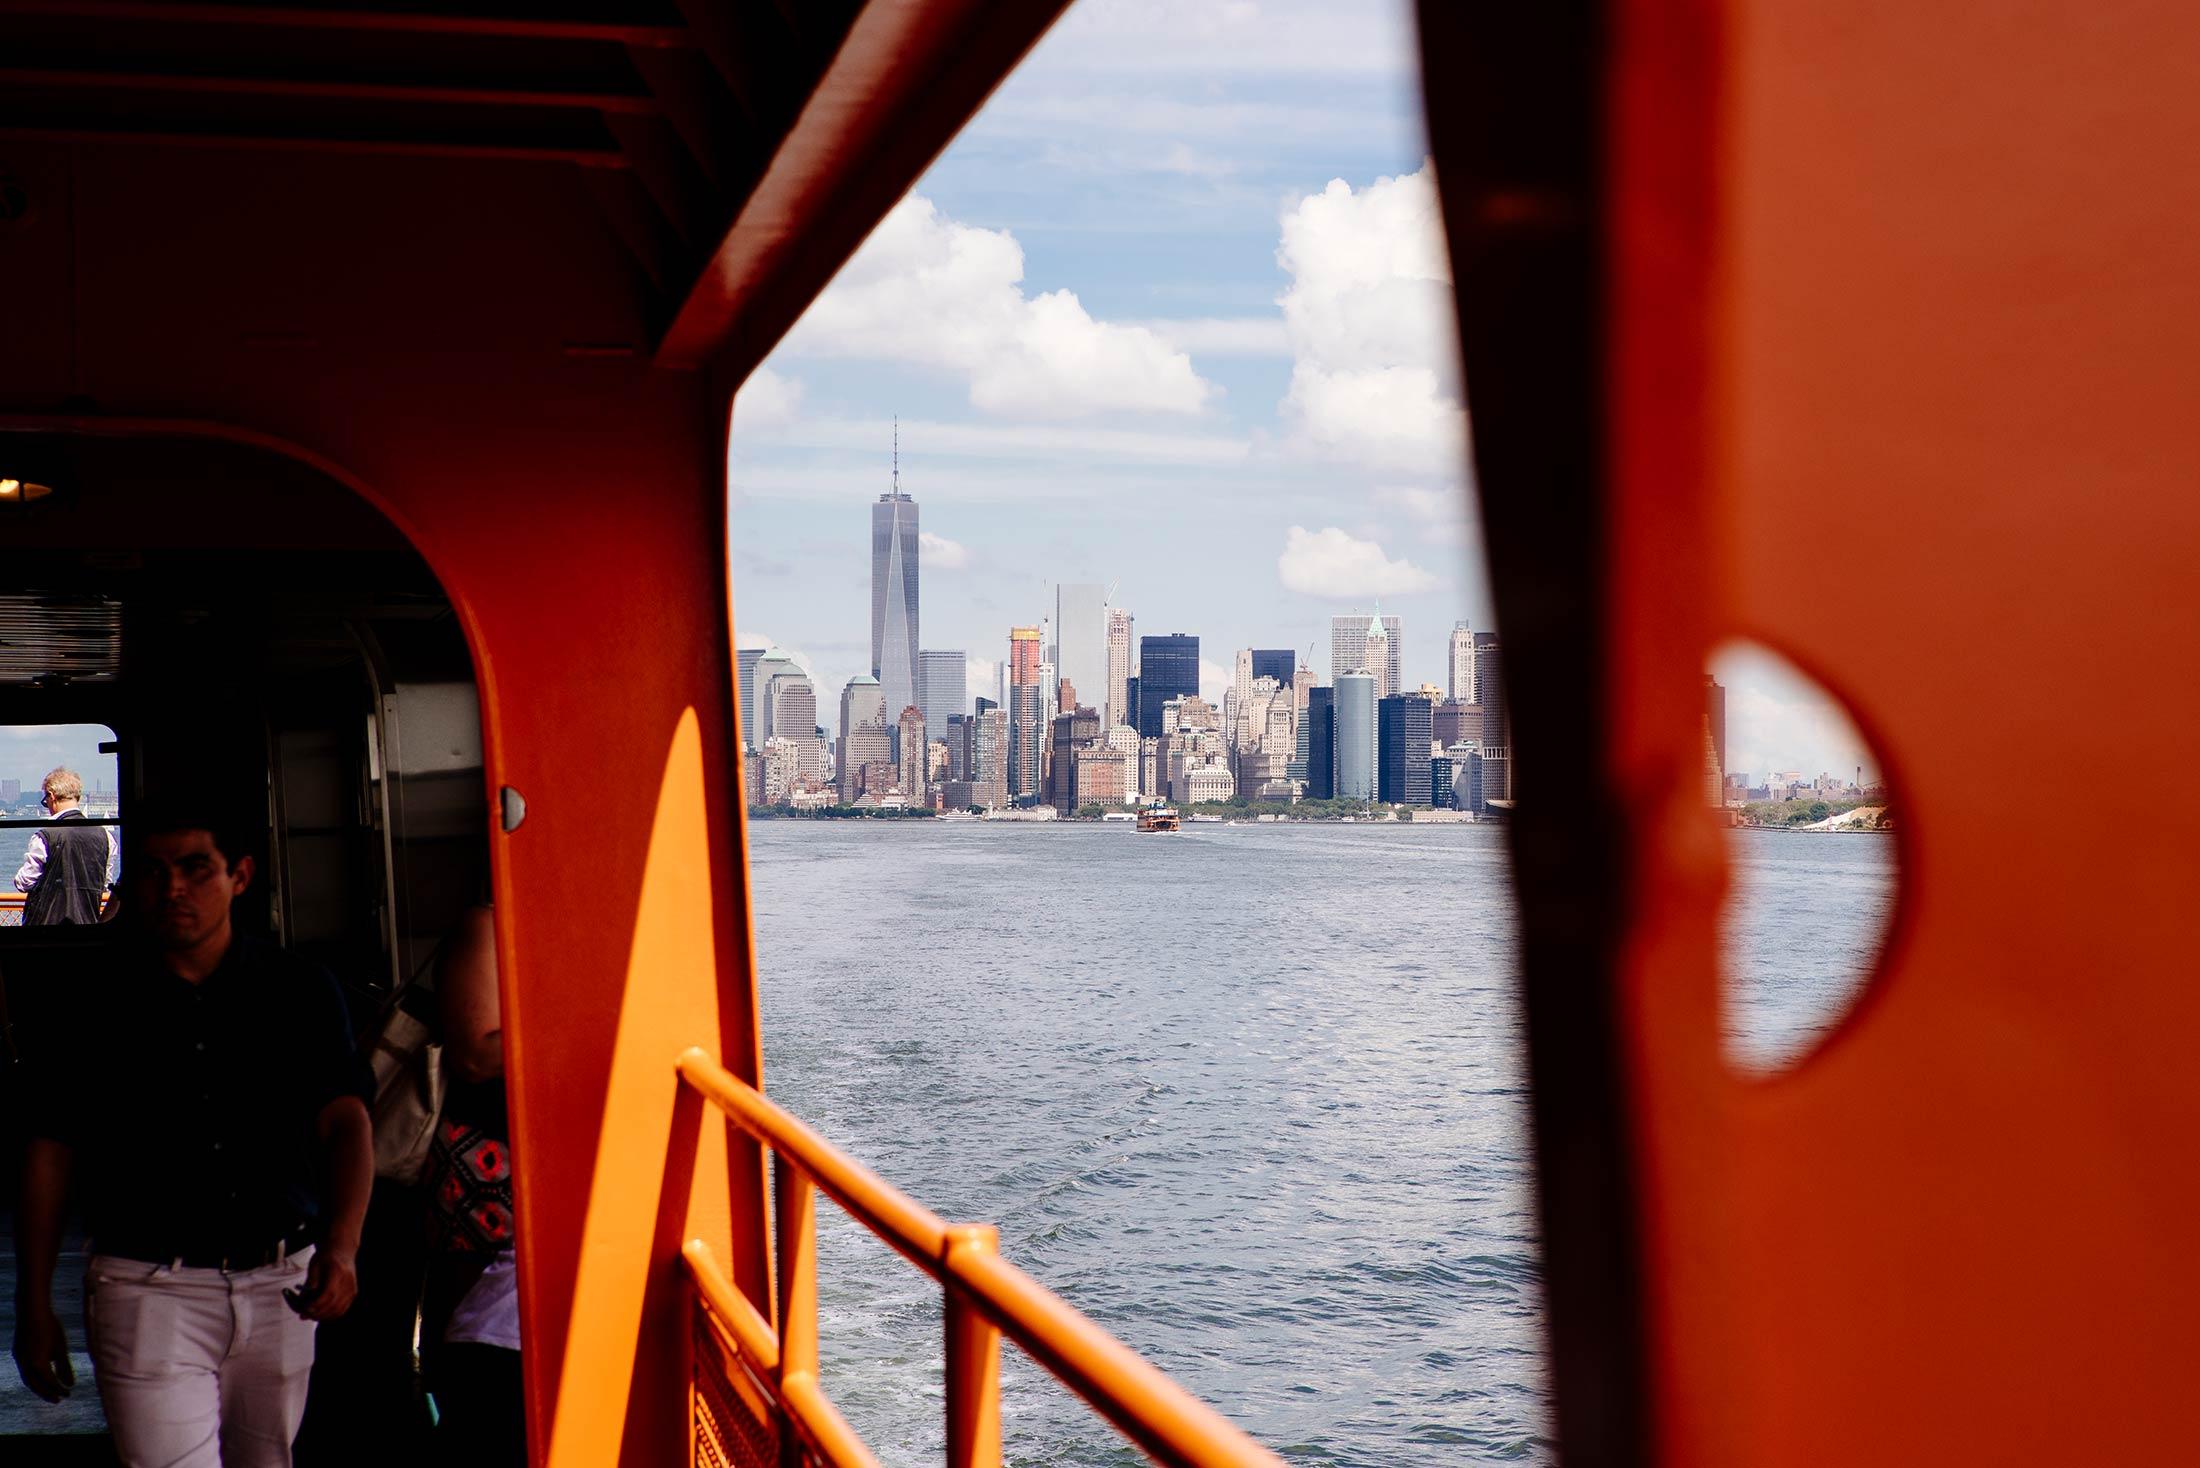 NYC_NewYorkCity_04-Mitja_Schneehage